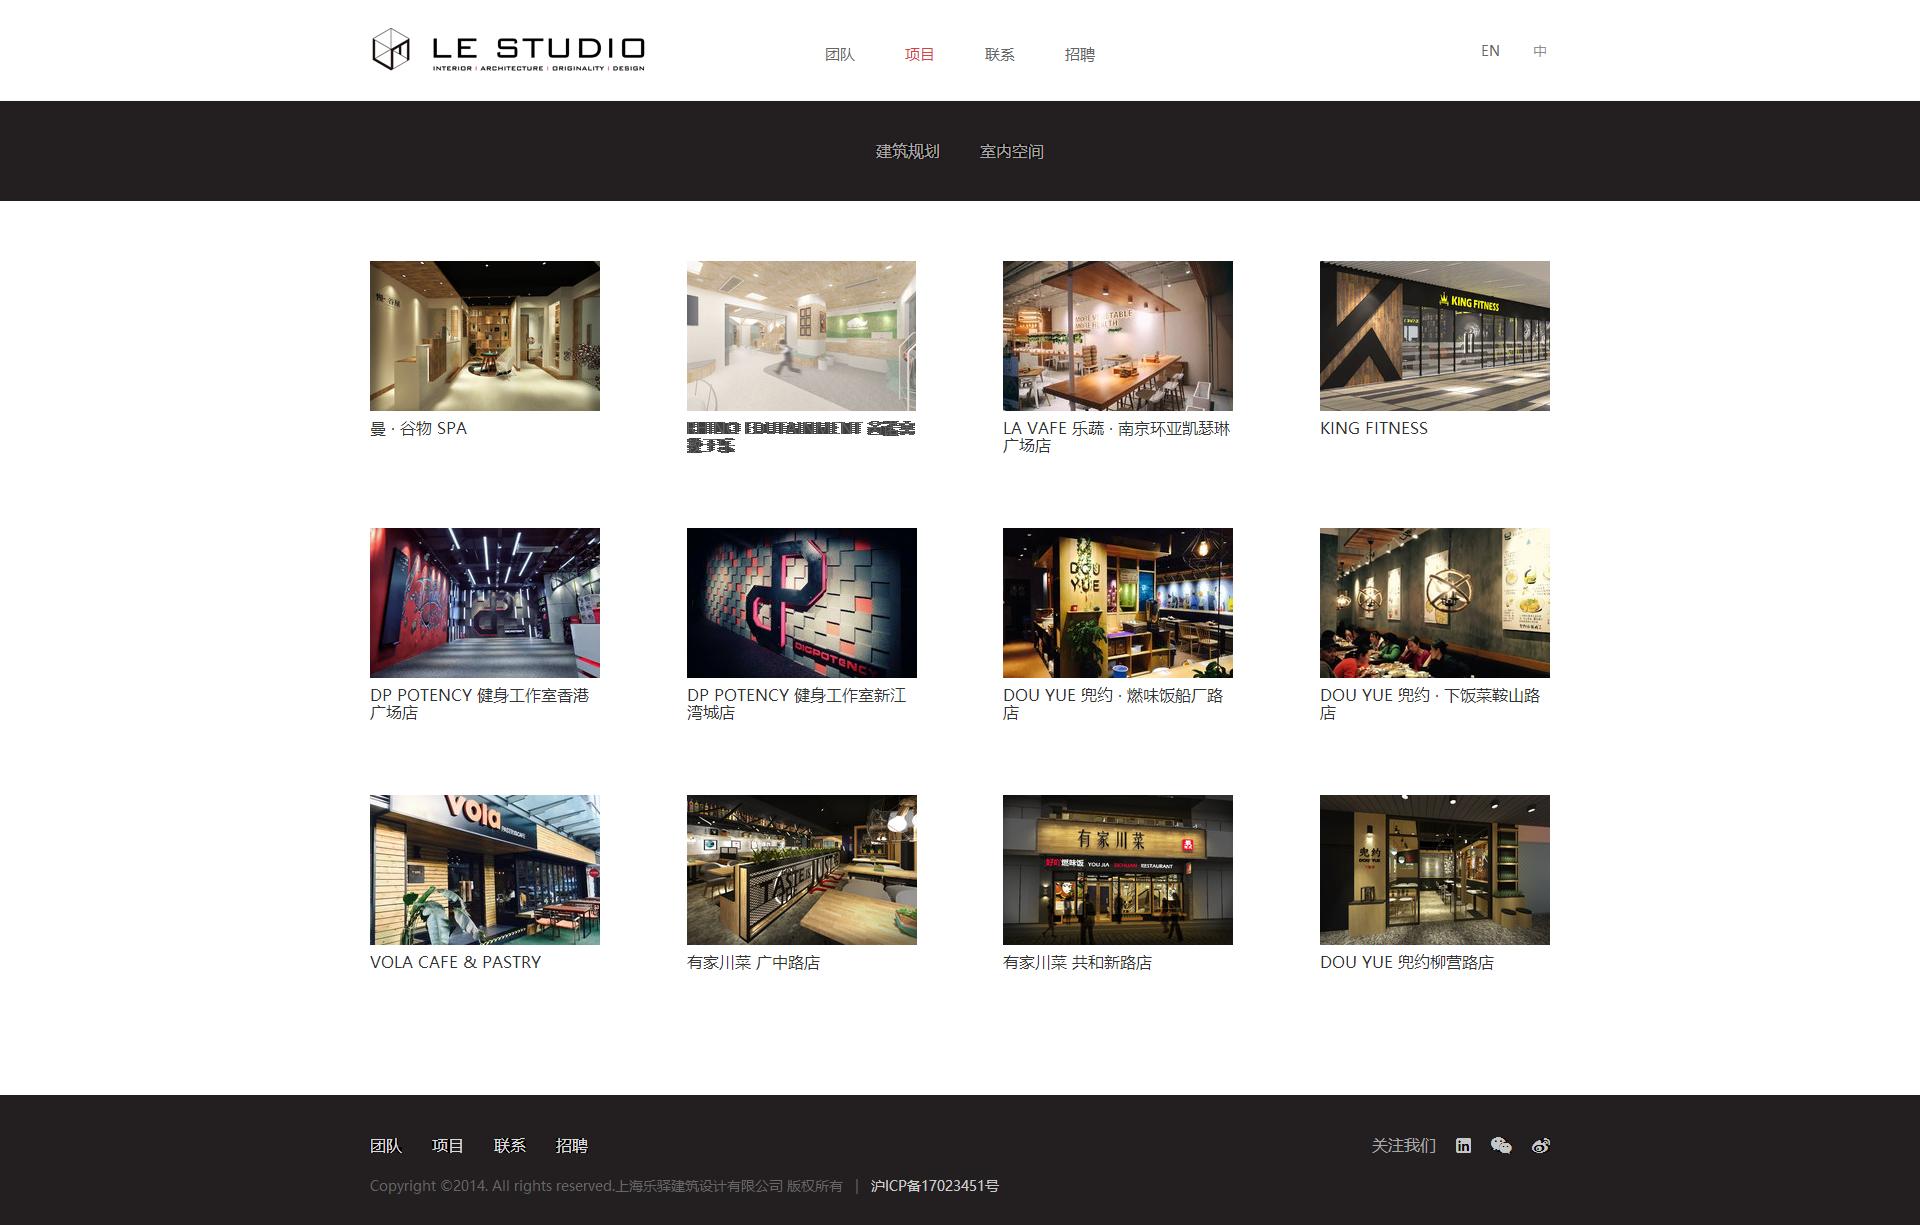 项目--上海乐驿建筑设计有限公司 上海建筑设计 上海建筑设计公司.png